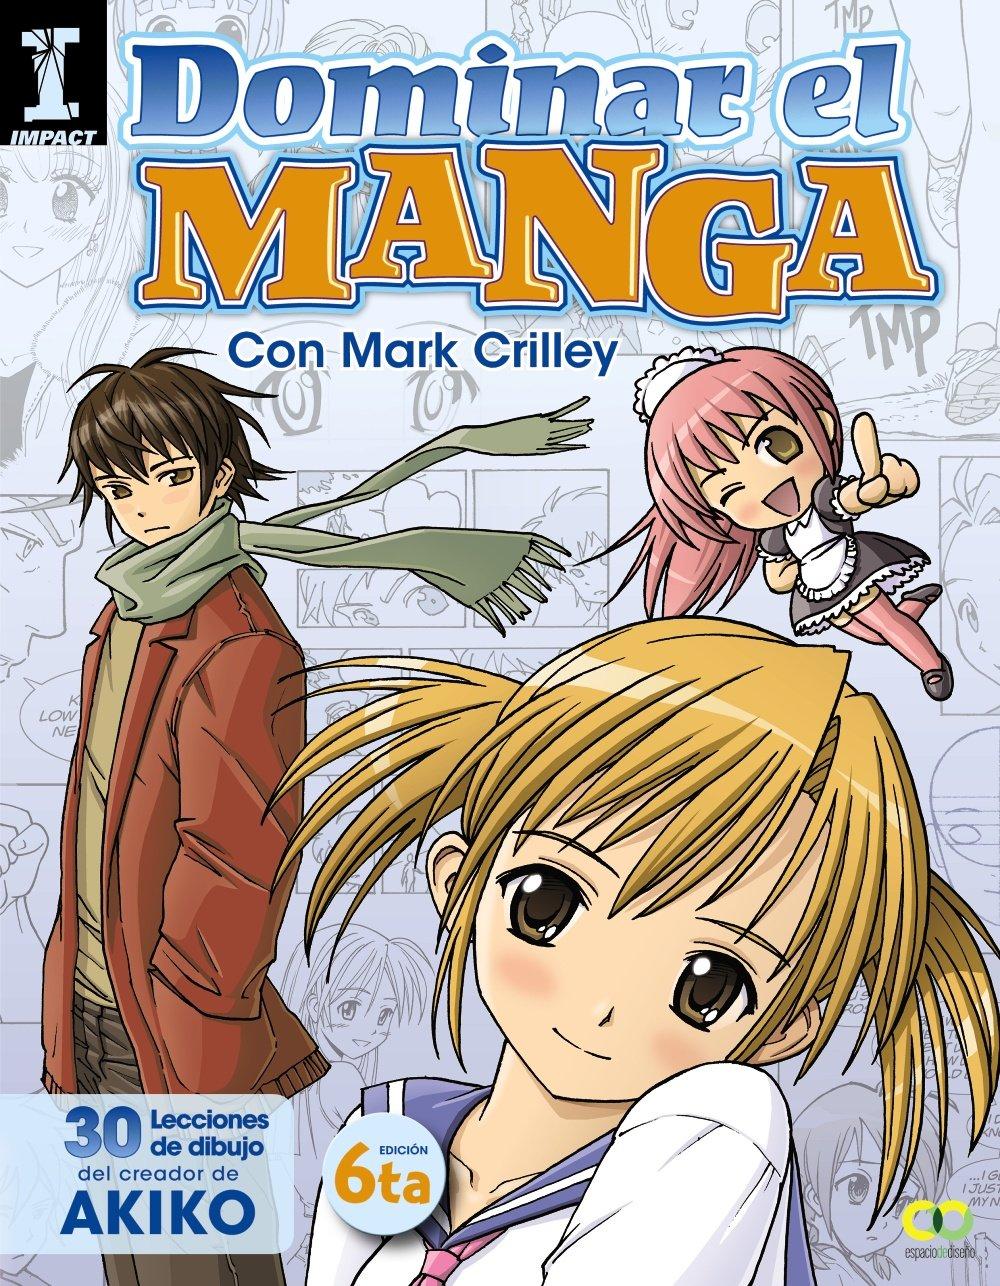 Dominar el Manga. 30 lecciones de dibujo del creador de AKIKO (Espacio De Diseño) Tapa blanda – 11 oct 2013 Mark Crilley Anaya 8441534373 Computer Science